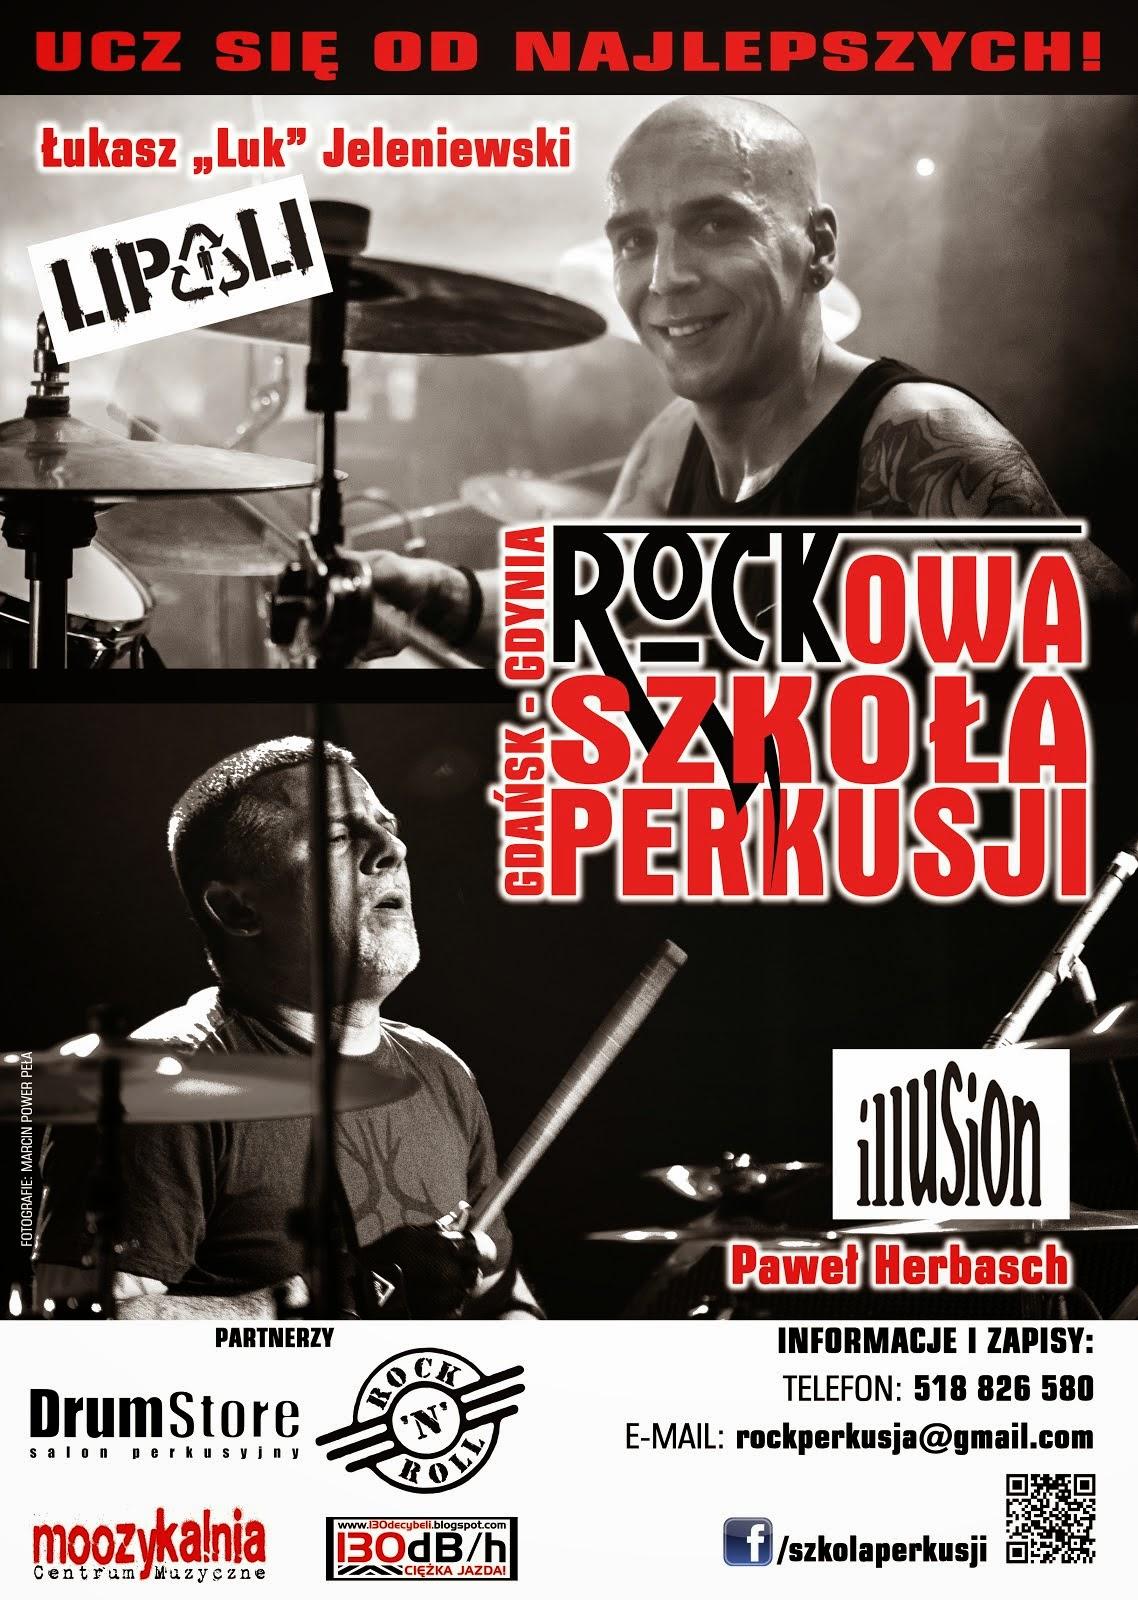 Rockowa Szkoła Perkusji